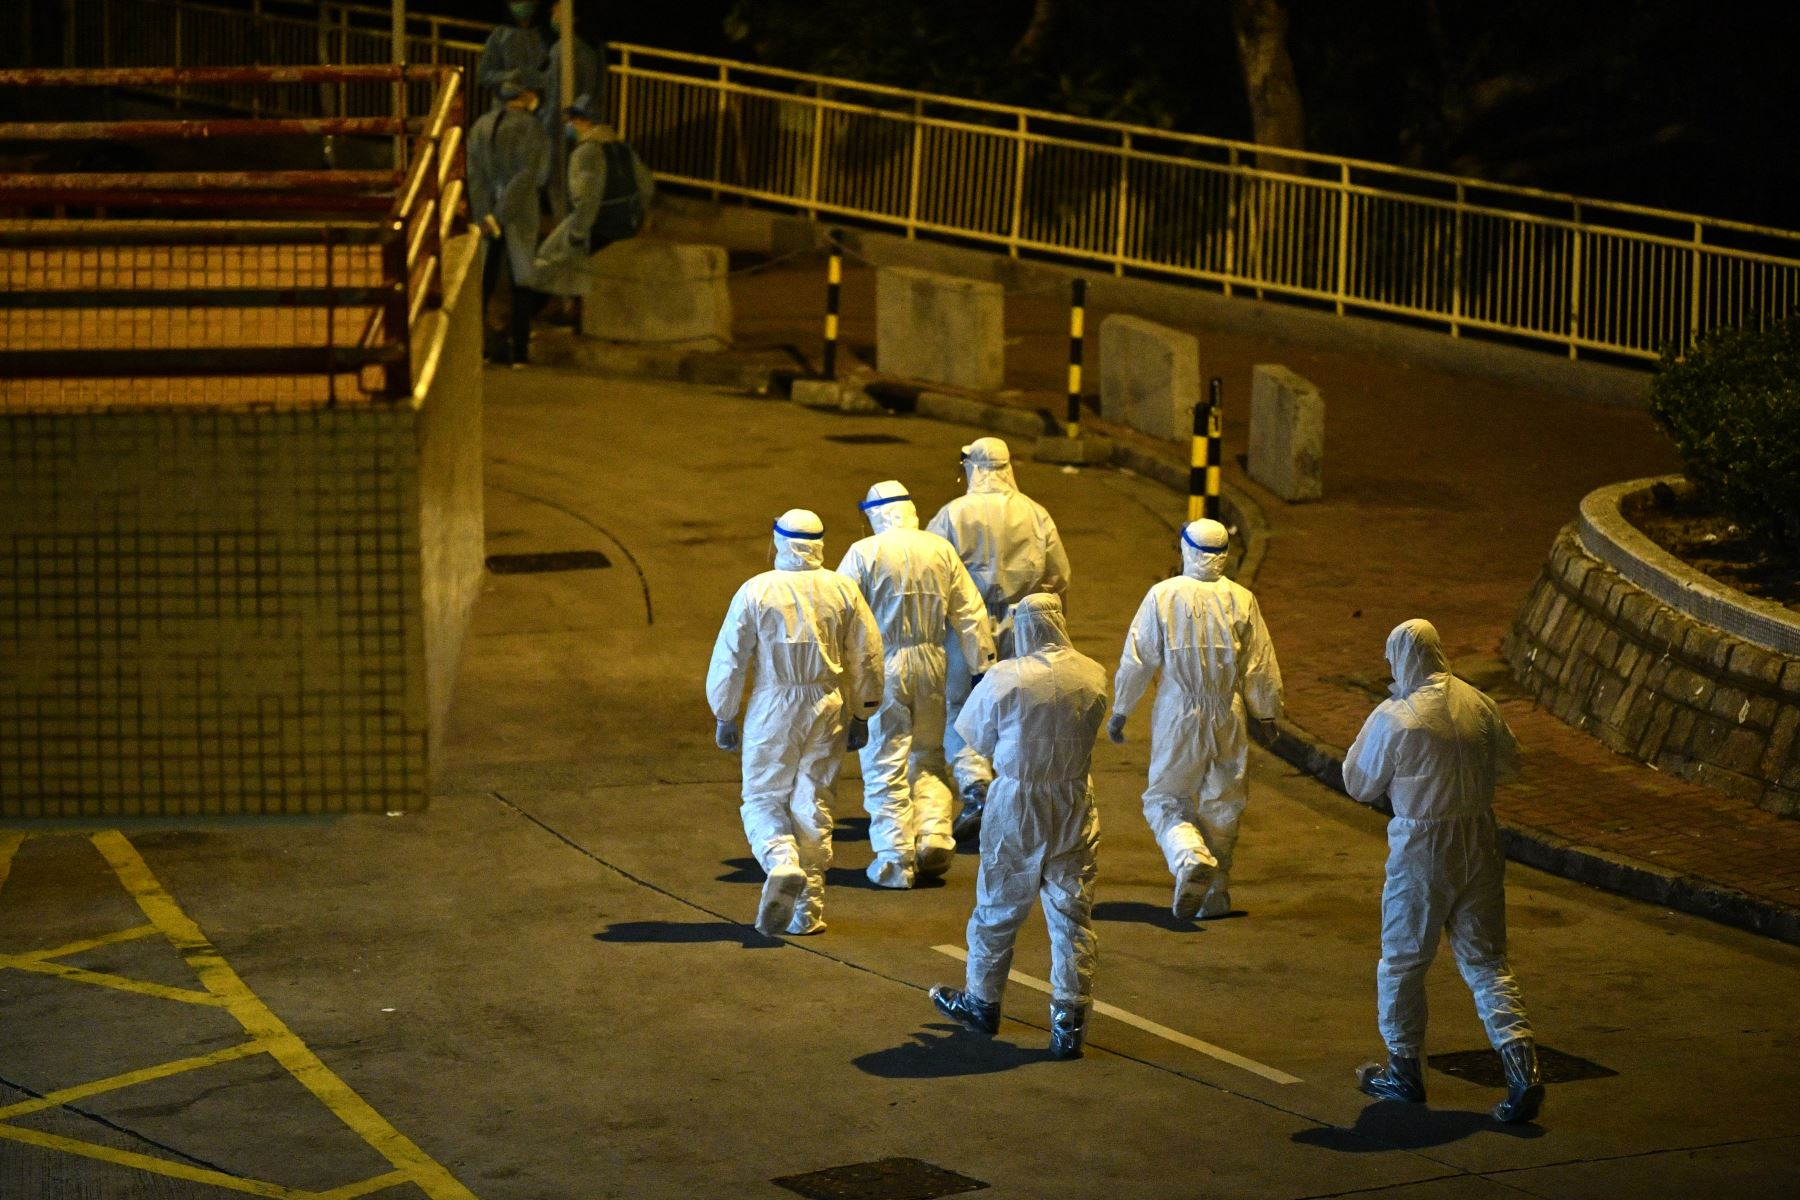 El personal médico que usa trajes protectores camina por los terrenos de una propiedad residencial en Hong Kong, tras confirmase que dos personas habían contraído el coronavirus. AFP